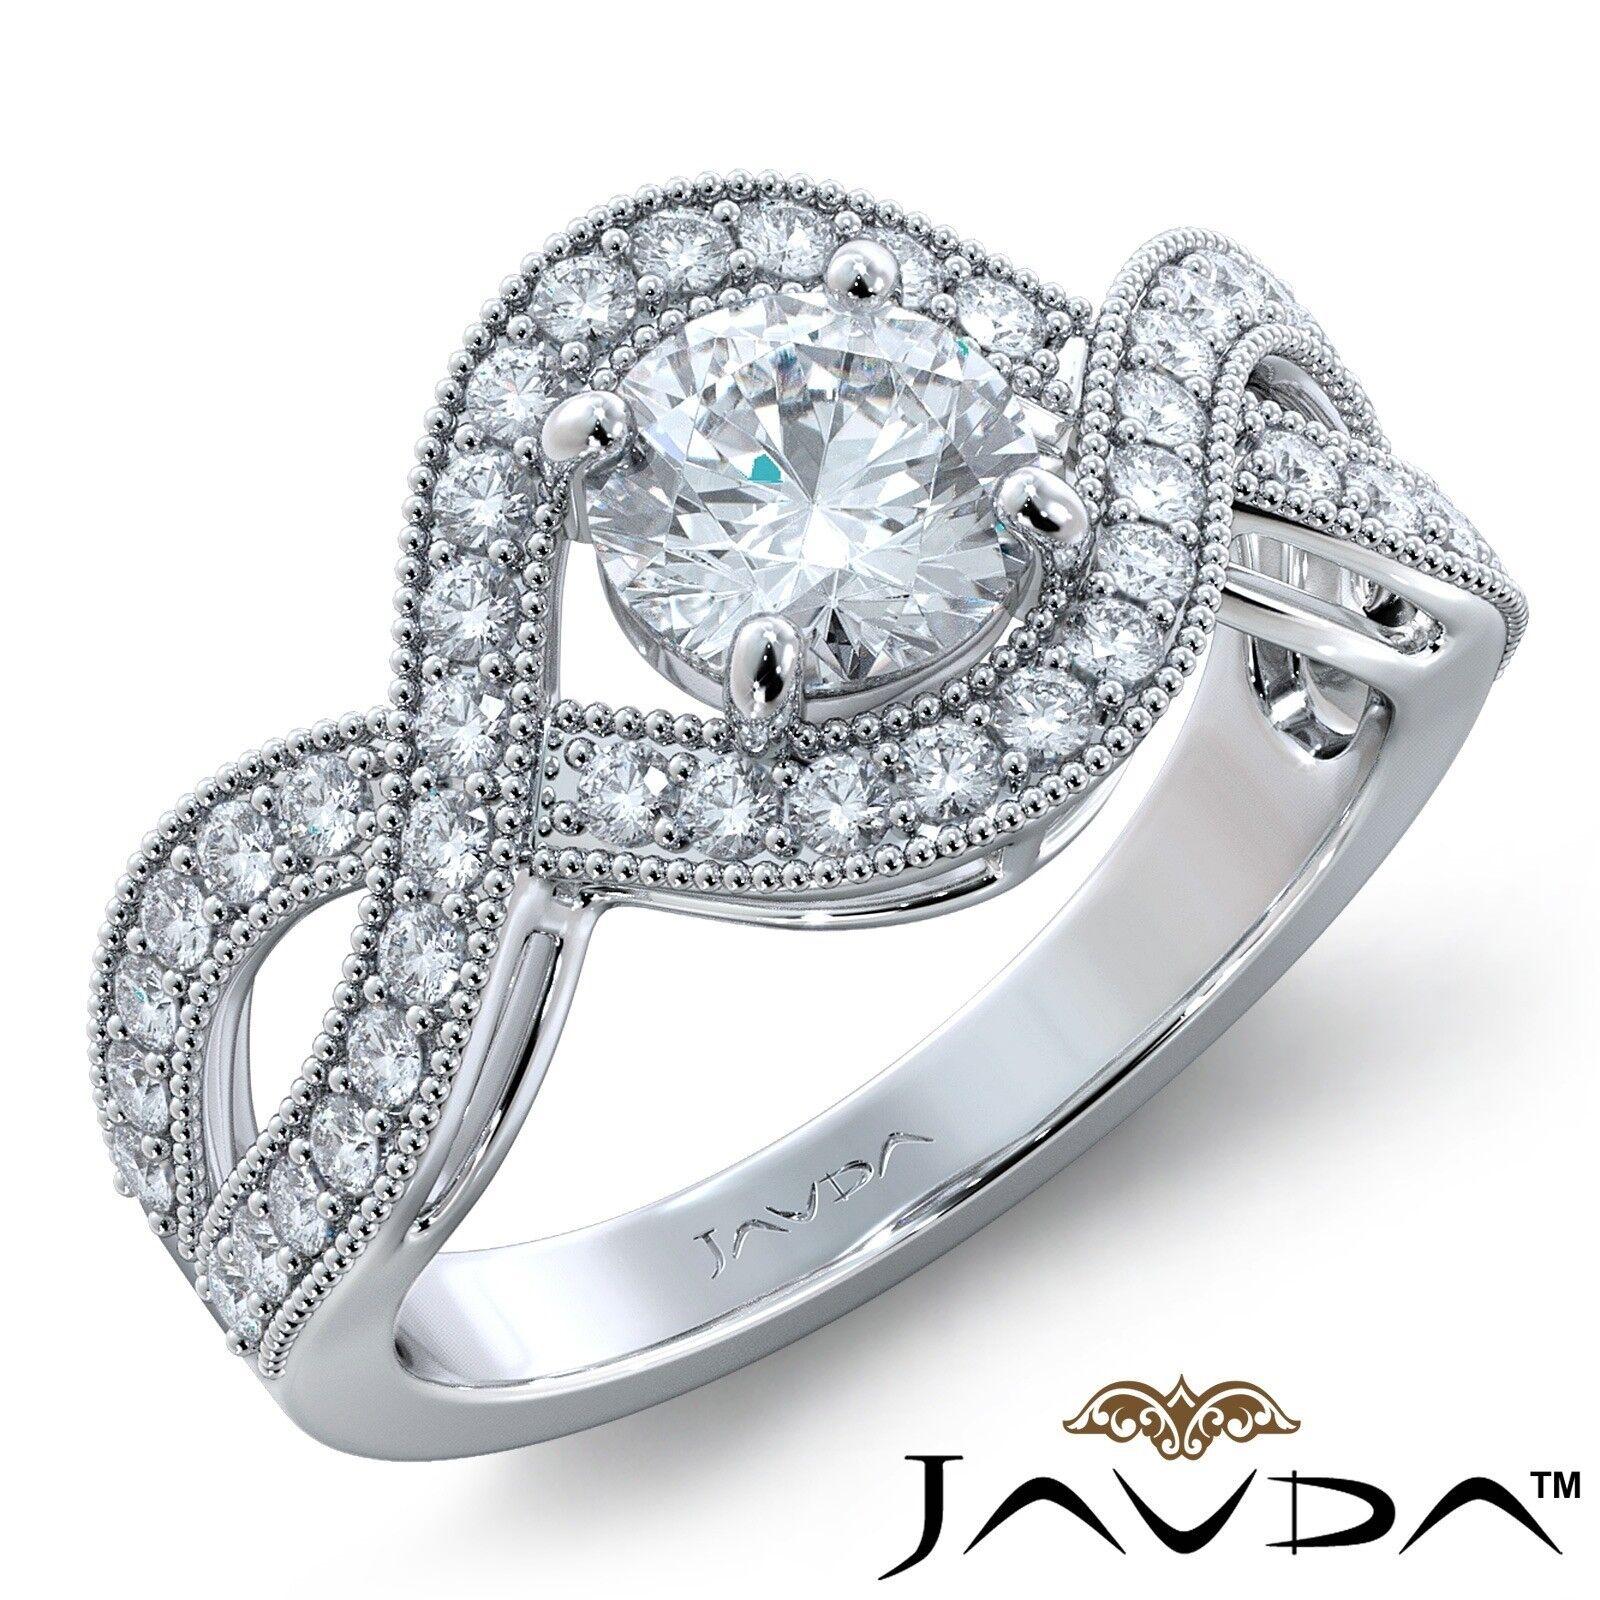 2.17ctw Milgrain Halo Side Stone Round Diamond Engagement Ring GIA J-VVS2 W Gold